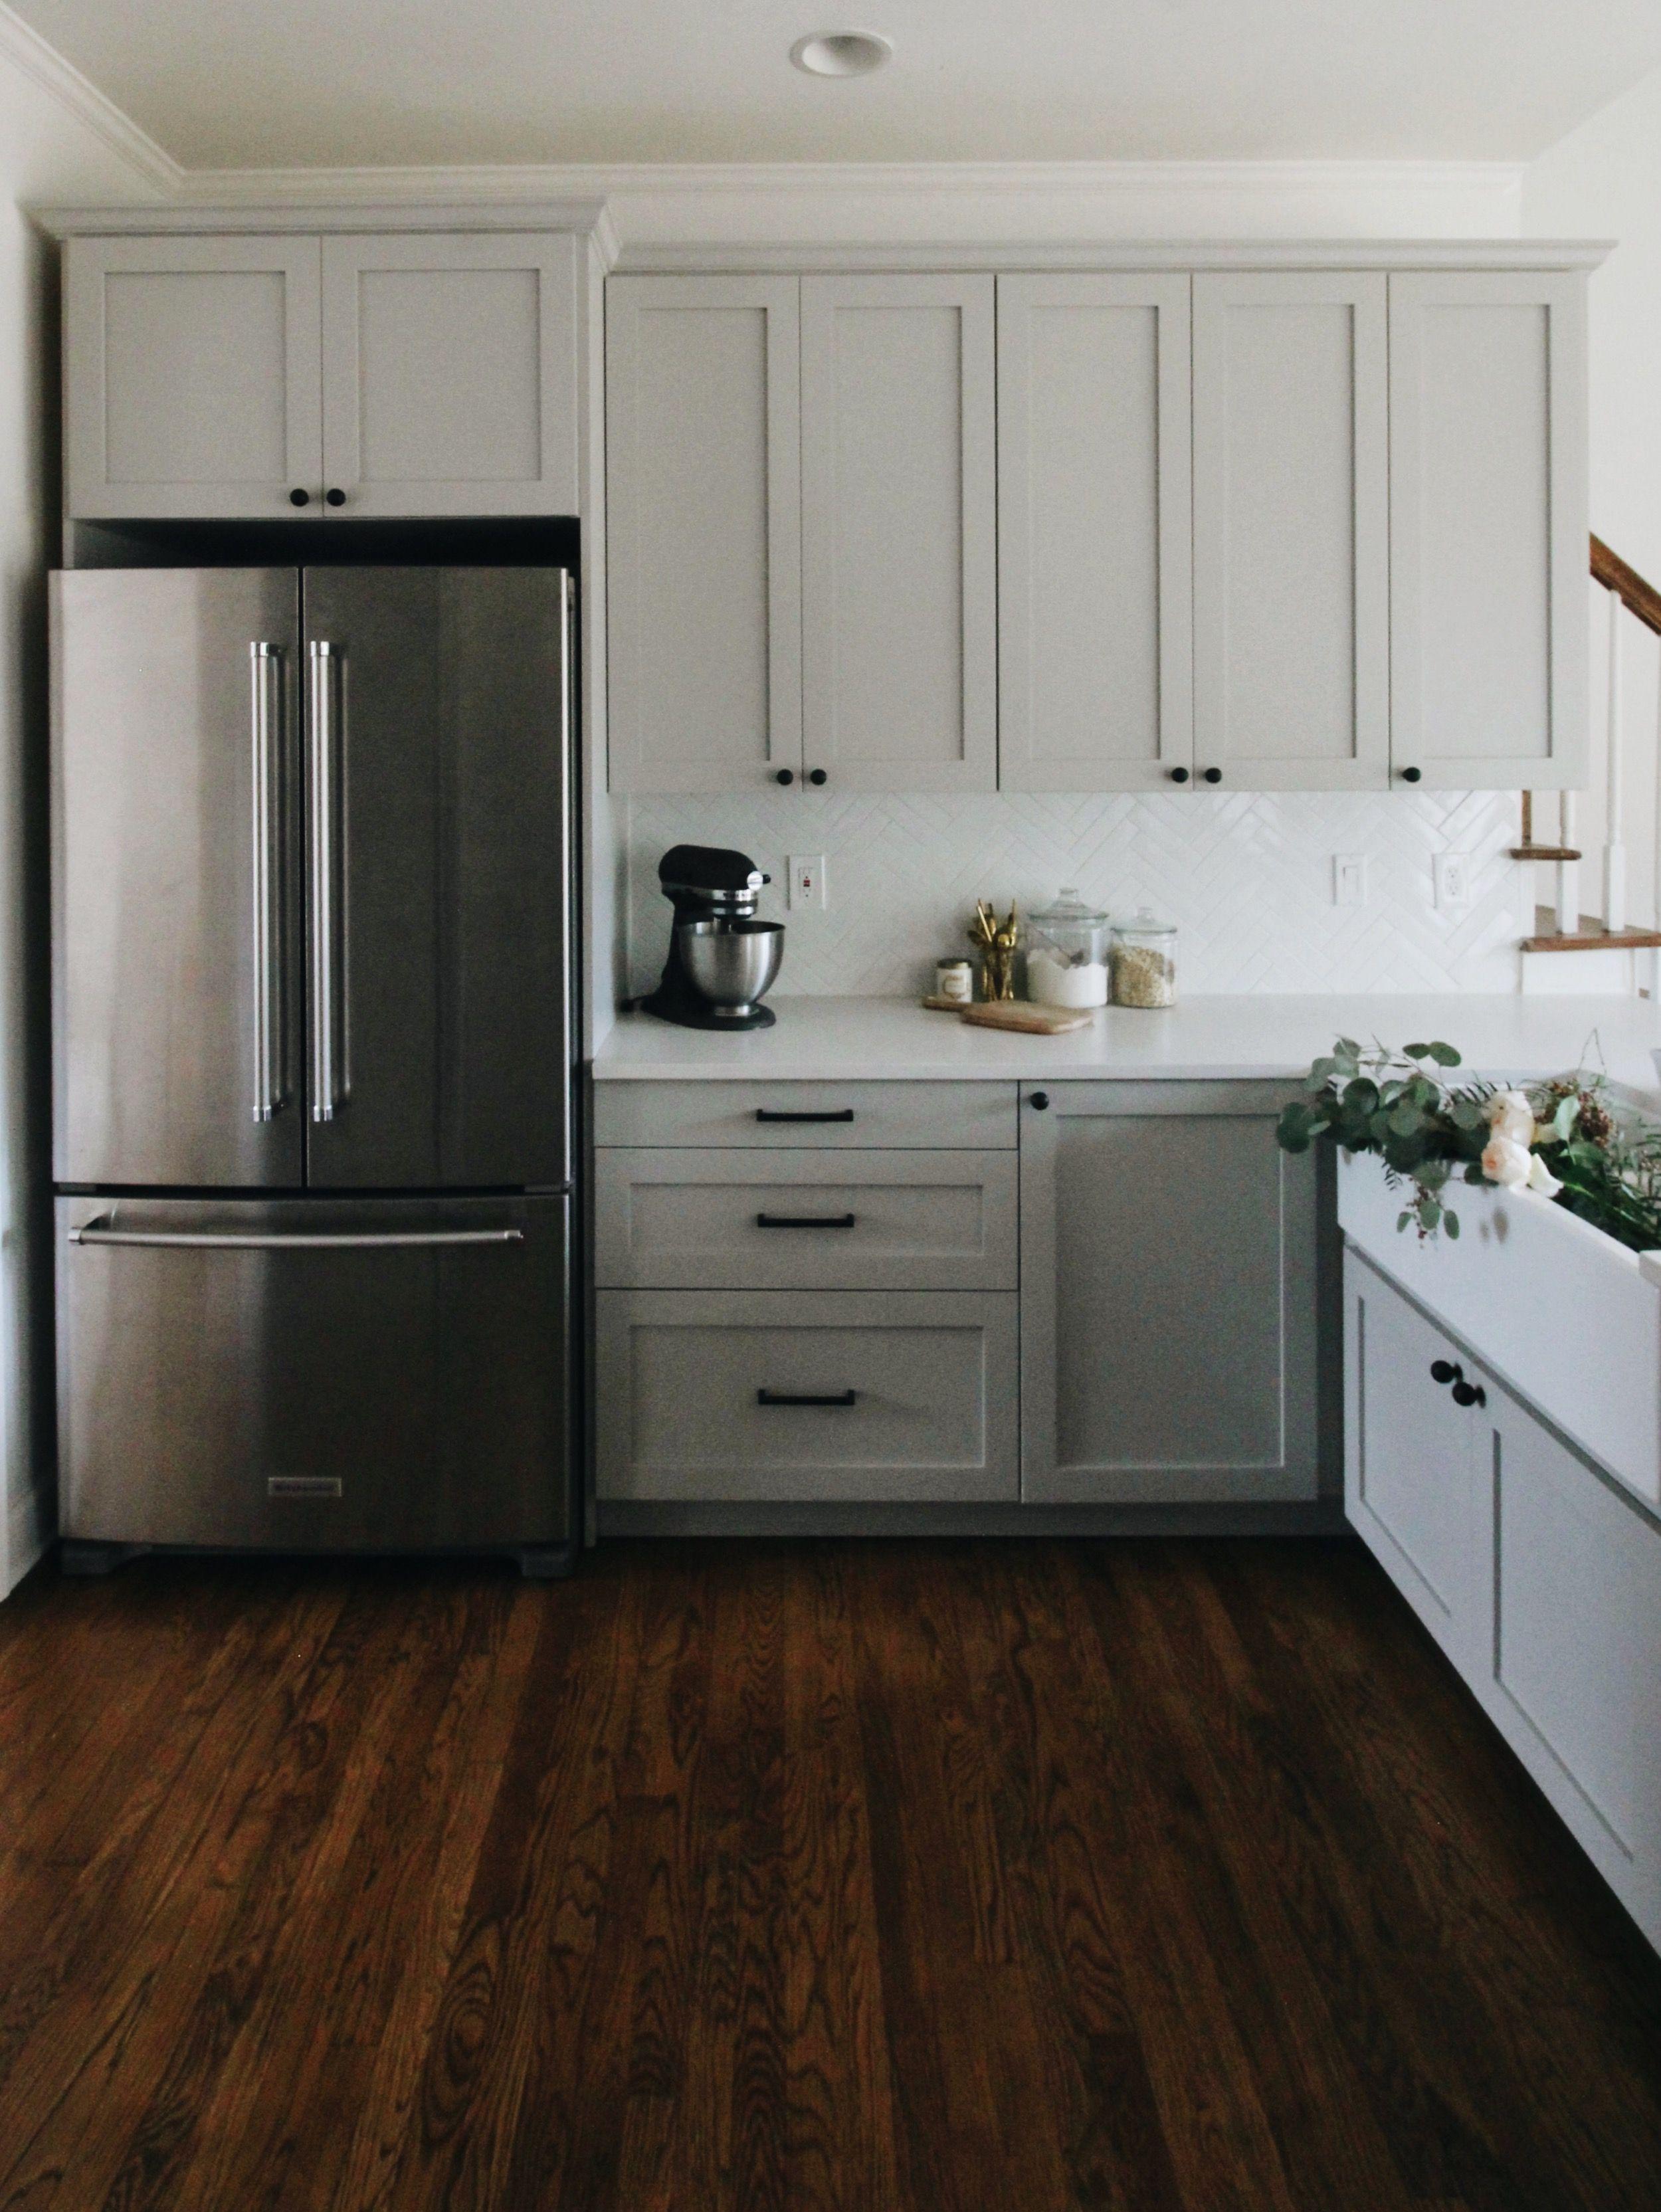 Our Kitchen Tour Rental Unit Pinterest Kitchen Ikea kitchen